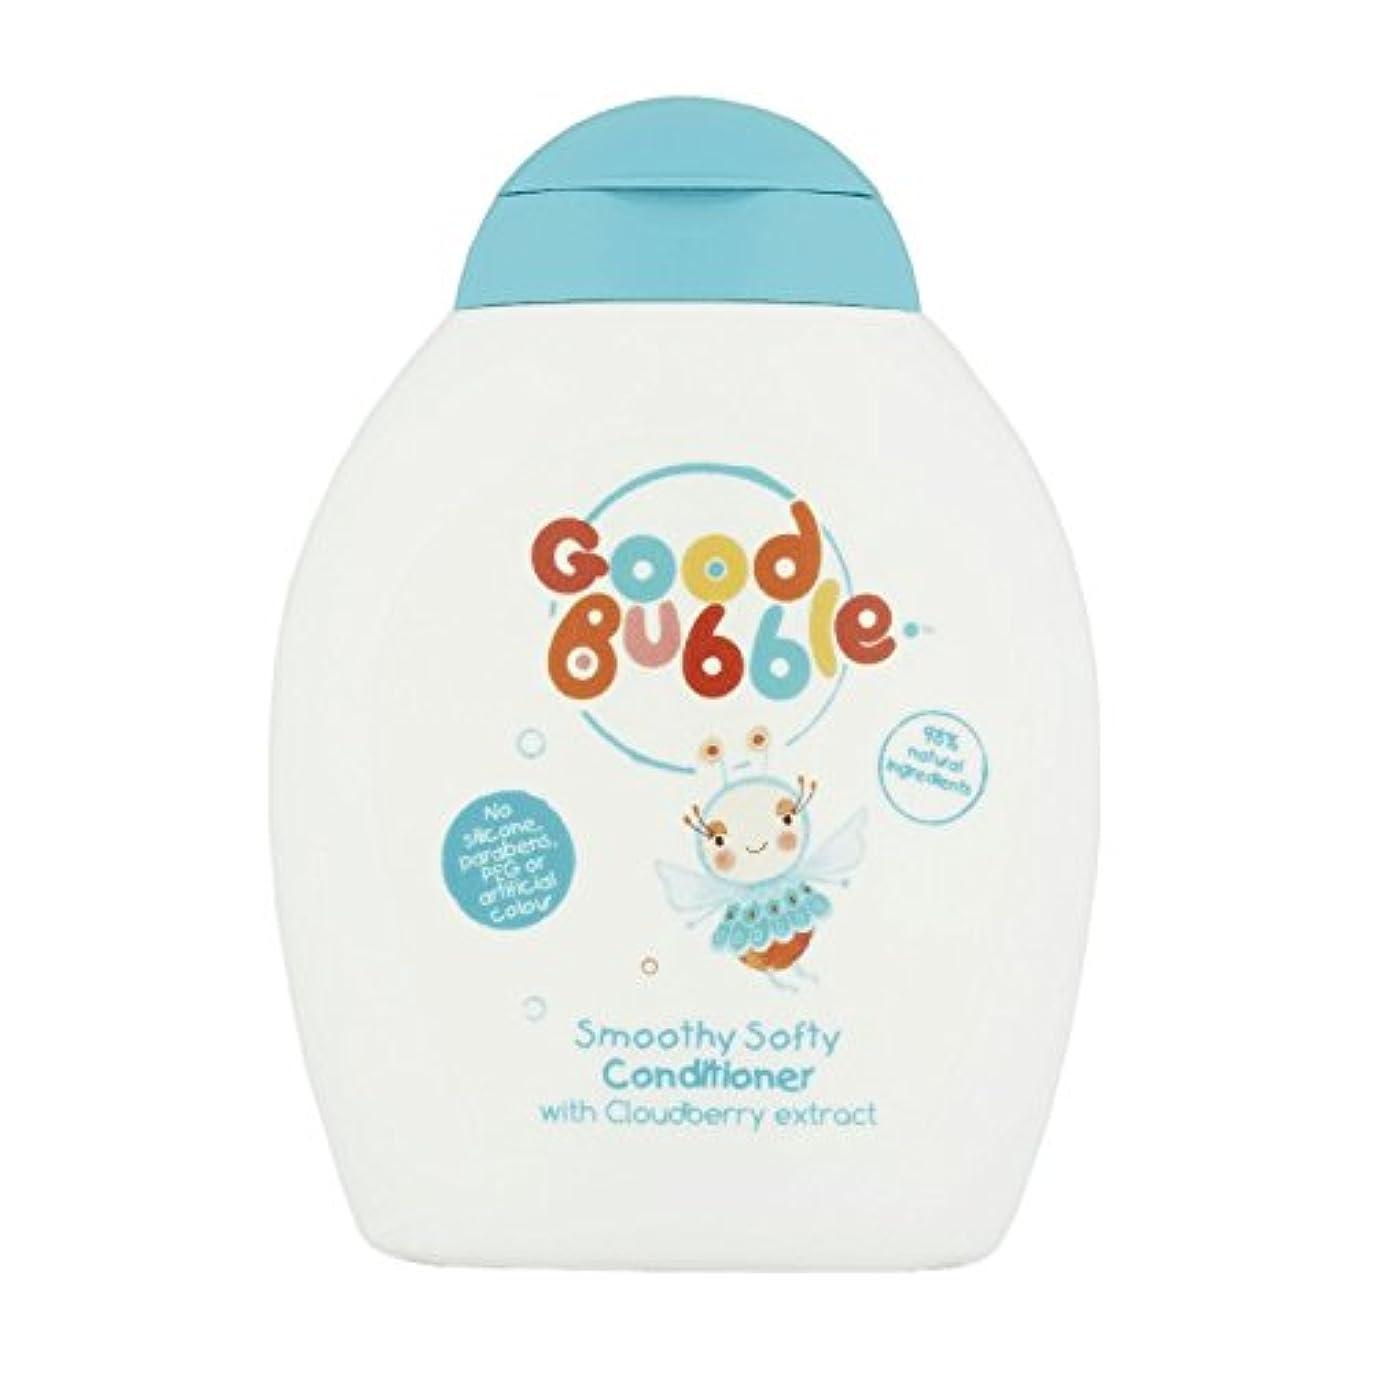 マキシム時々同志Good Bubble Cloudberry Conditioner 250ml (Pack of 2) - 良いバブルクラウドベリーコンディショナー250ミリリットル (x2) [並行輸入品]